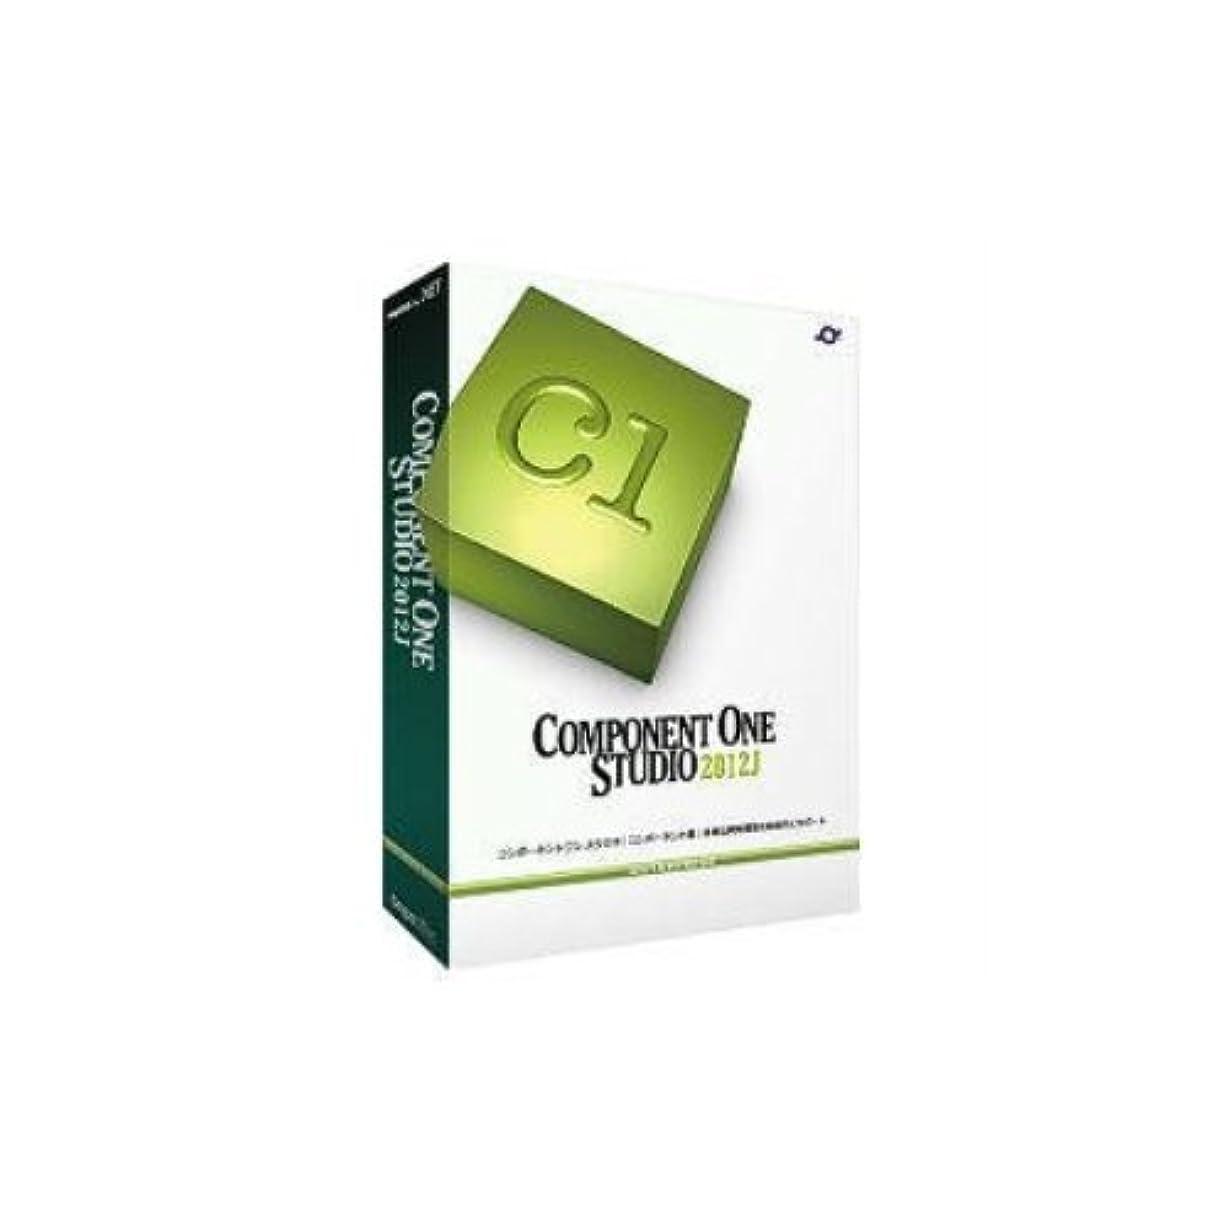 フェデレーション逃げる火傷ComponentOne Studio for Windows Forms 2010J 1開発ライセンスパッケージ